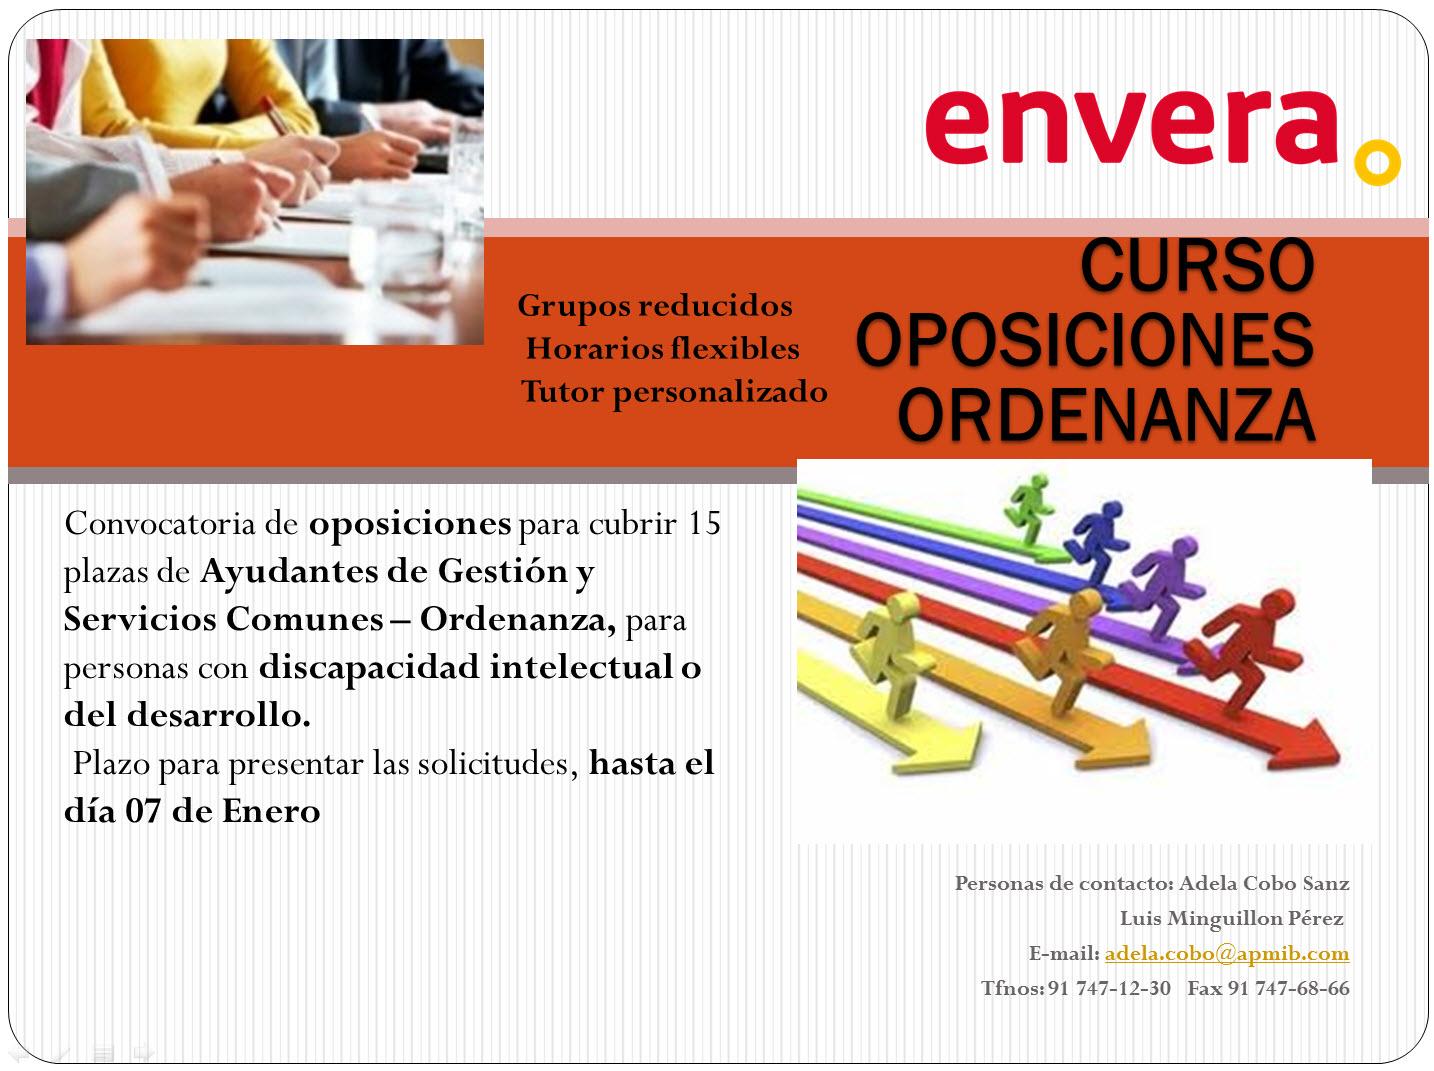 Convocatoria de oposiciones para cubrir 15 plazas de Ayudantes de Gestión y Servicios Comunes – Ordenanza